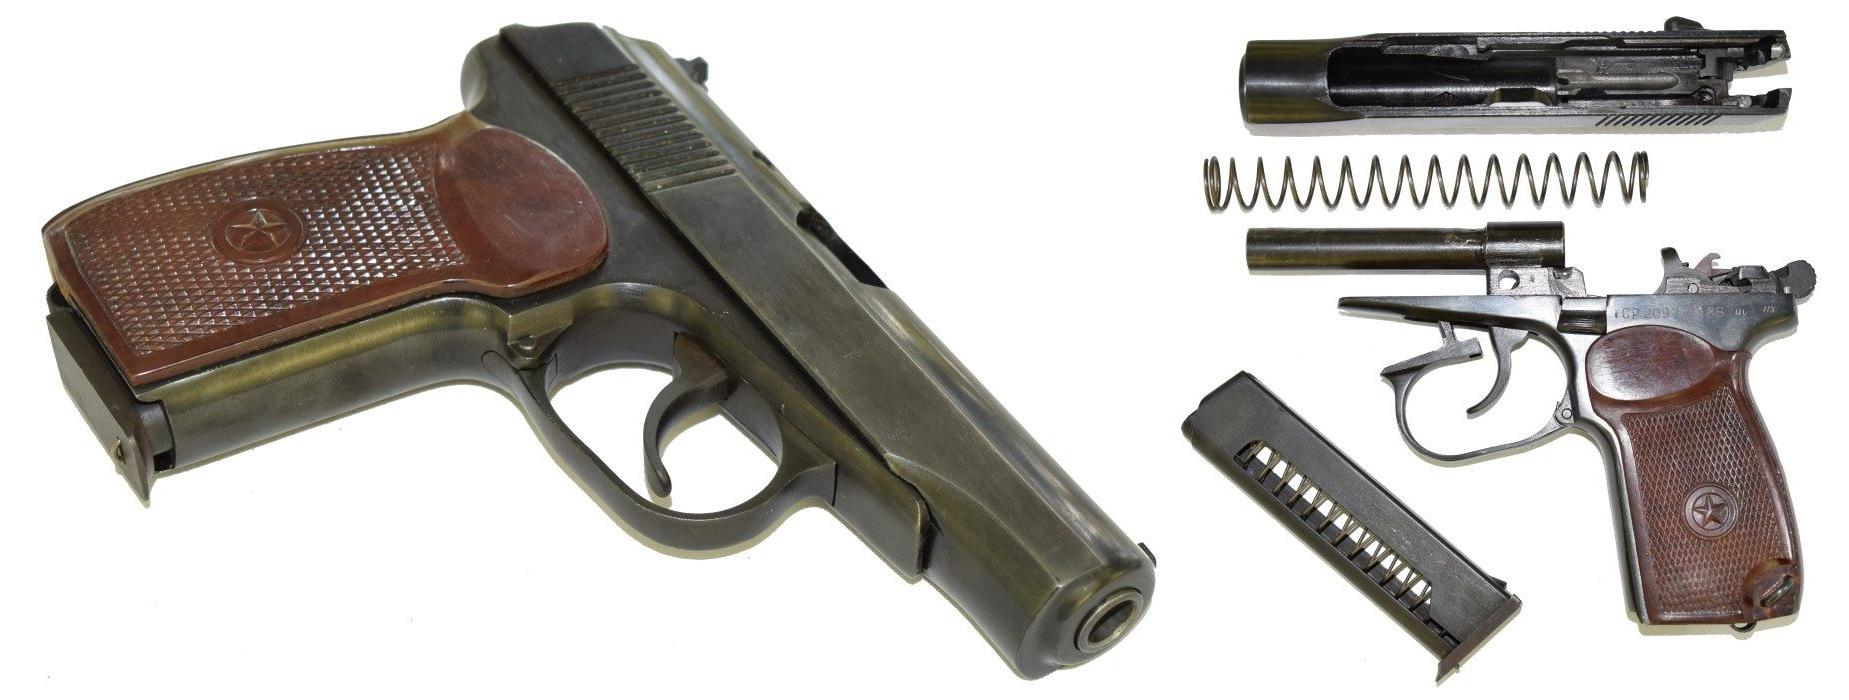 Охолощенный пистолет ПМ-О